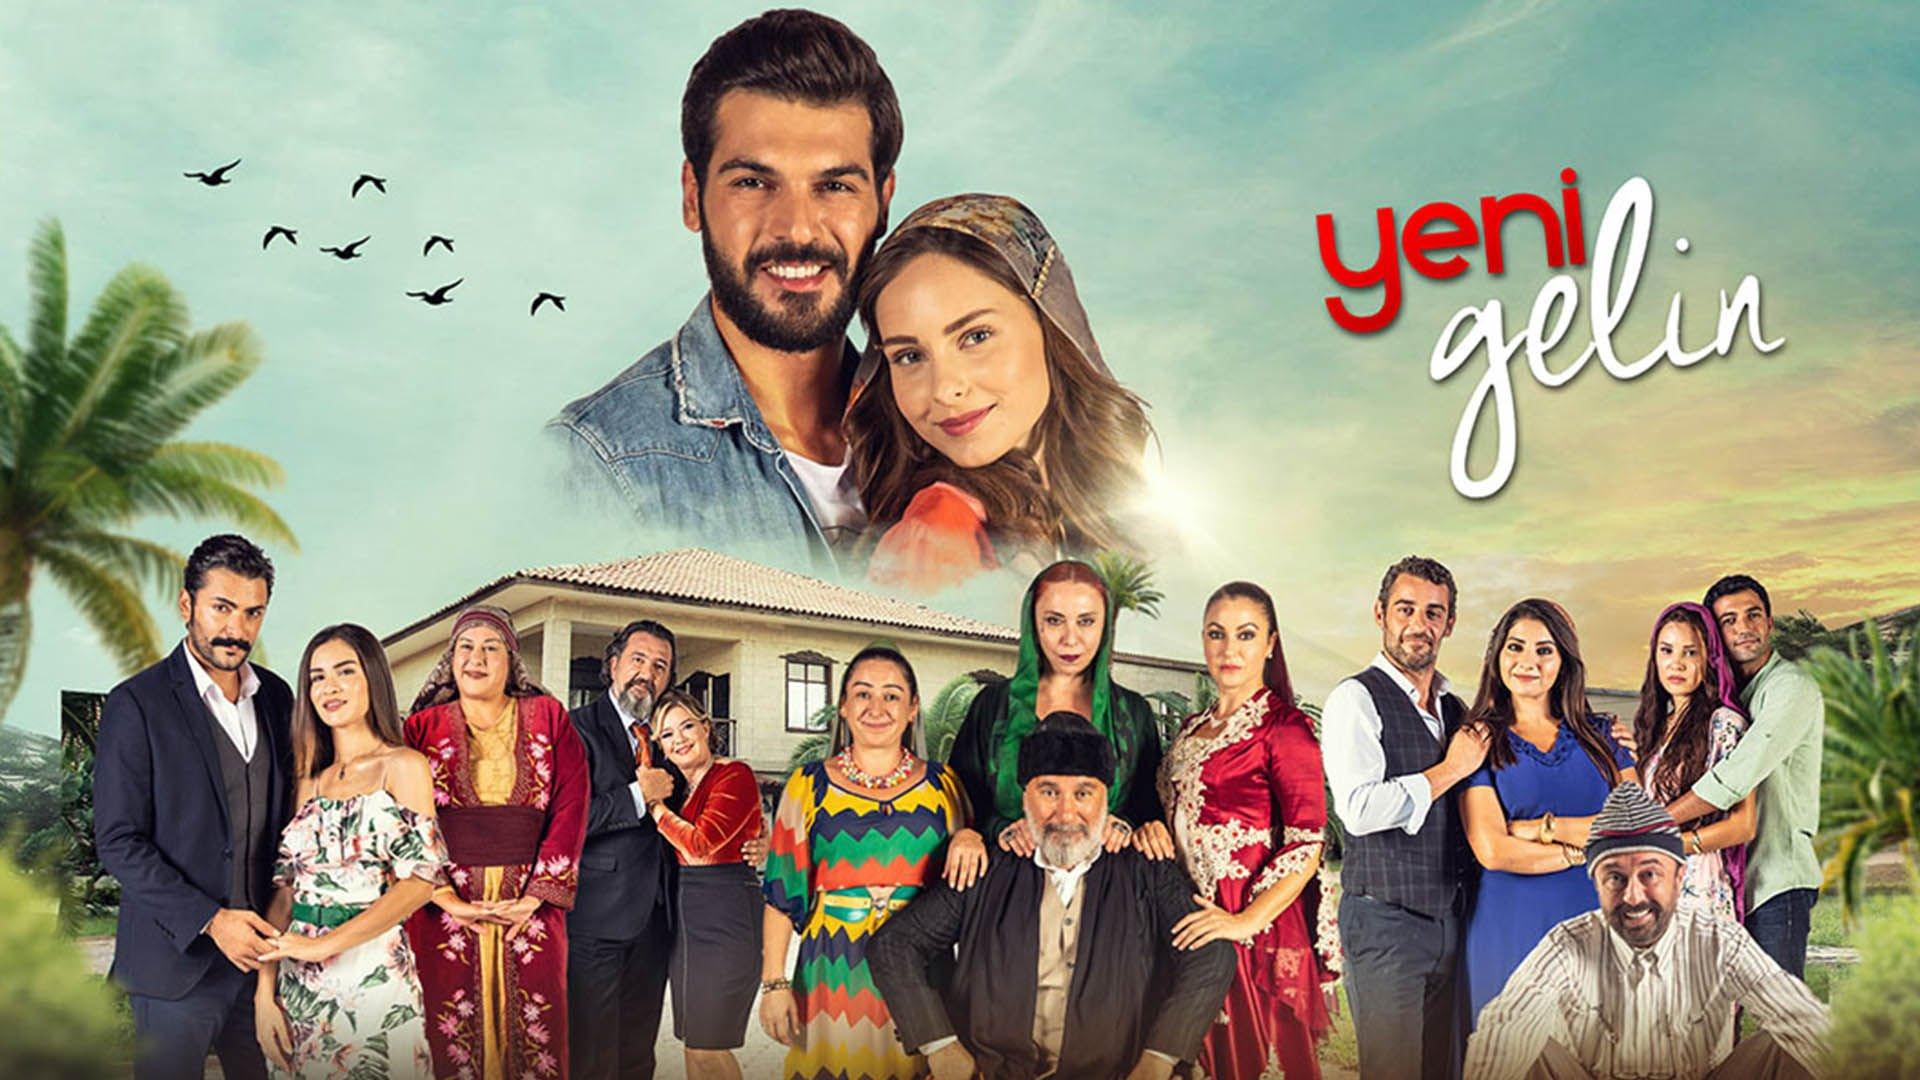 Новая невеста/Yeni Gelin